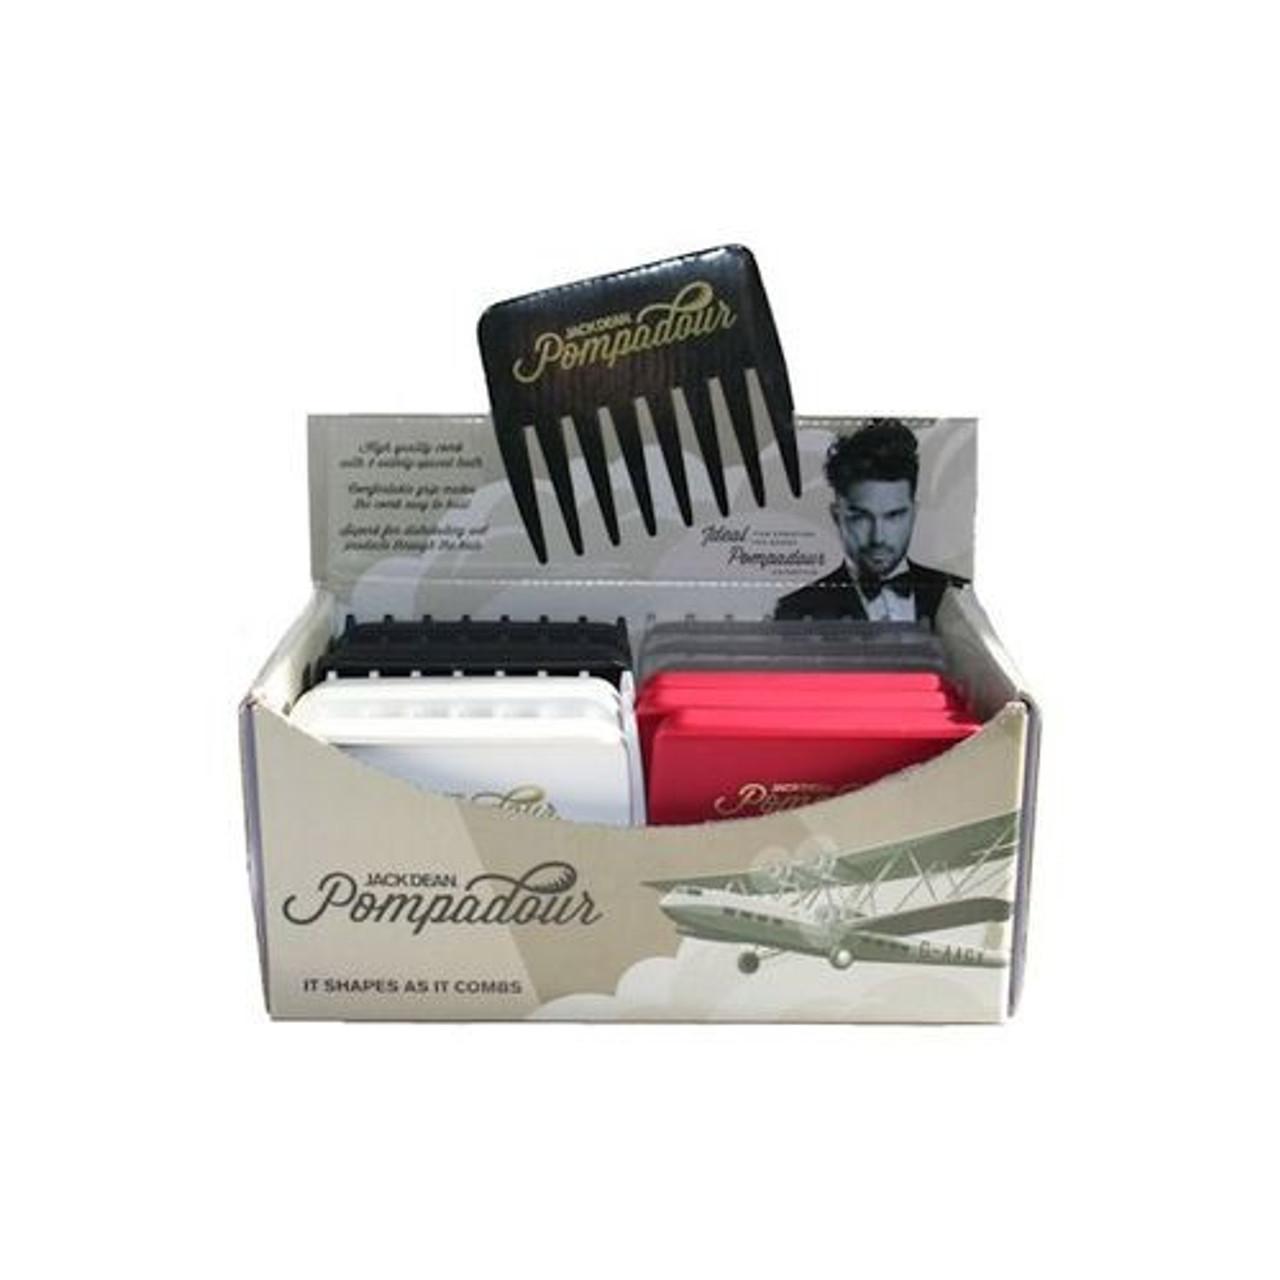 Jack Dean Pompadour Comb